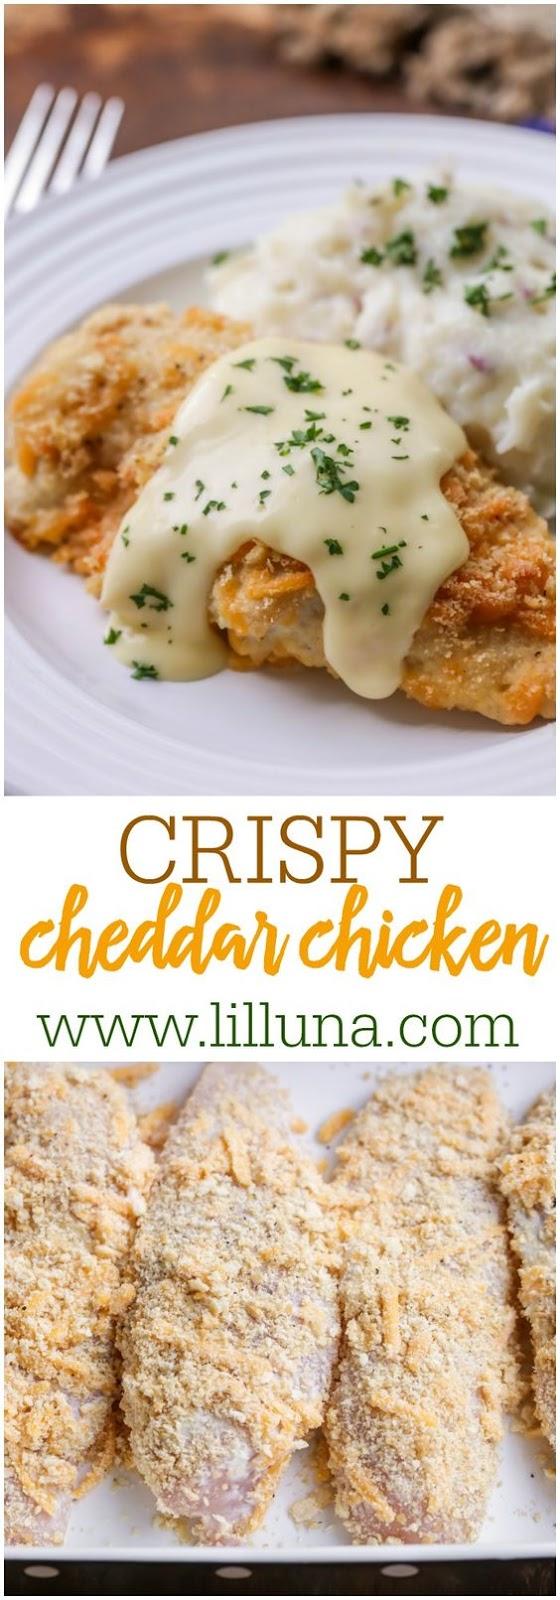 CRISPY BAKED CHICKEN #crispy #baked #chicken #dinnerrecipes #dinnerideas #dinner